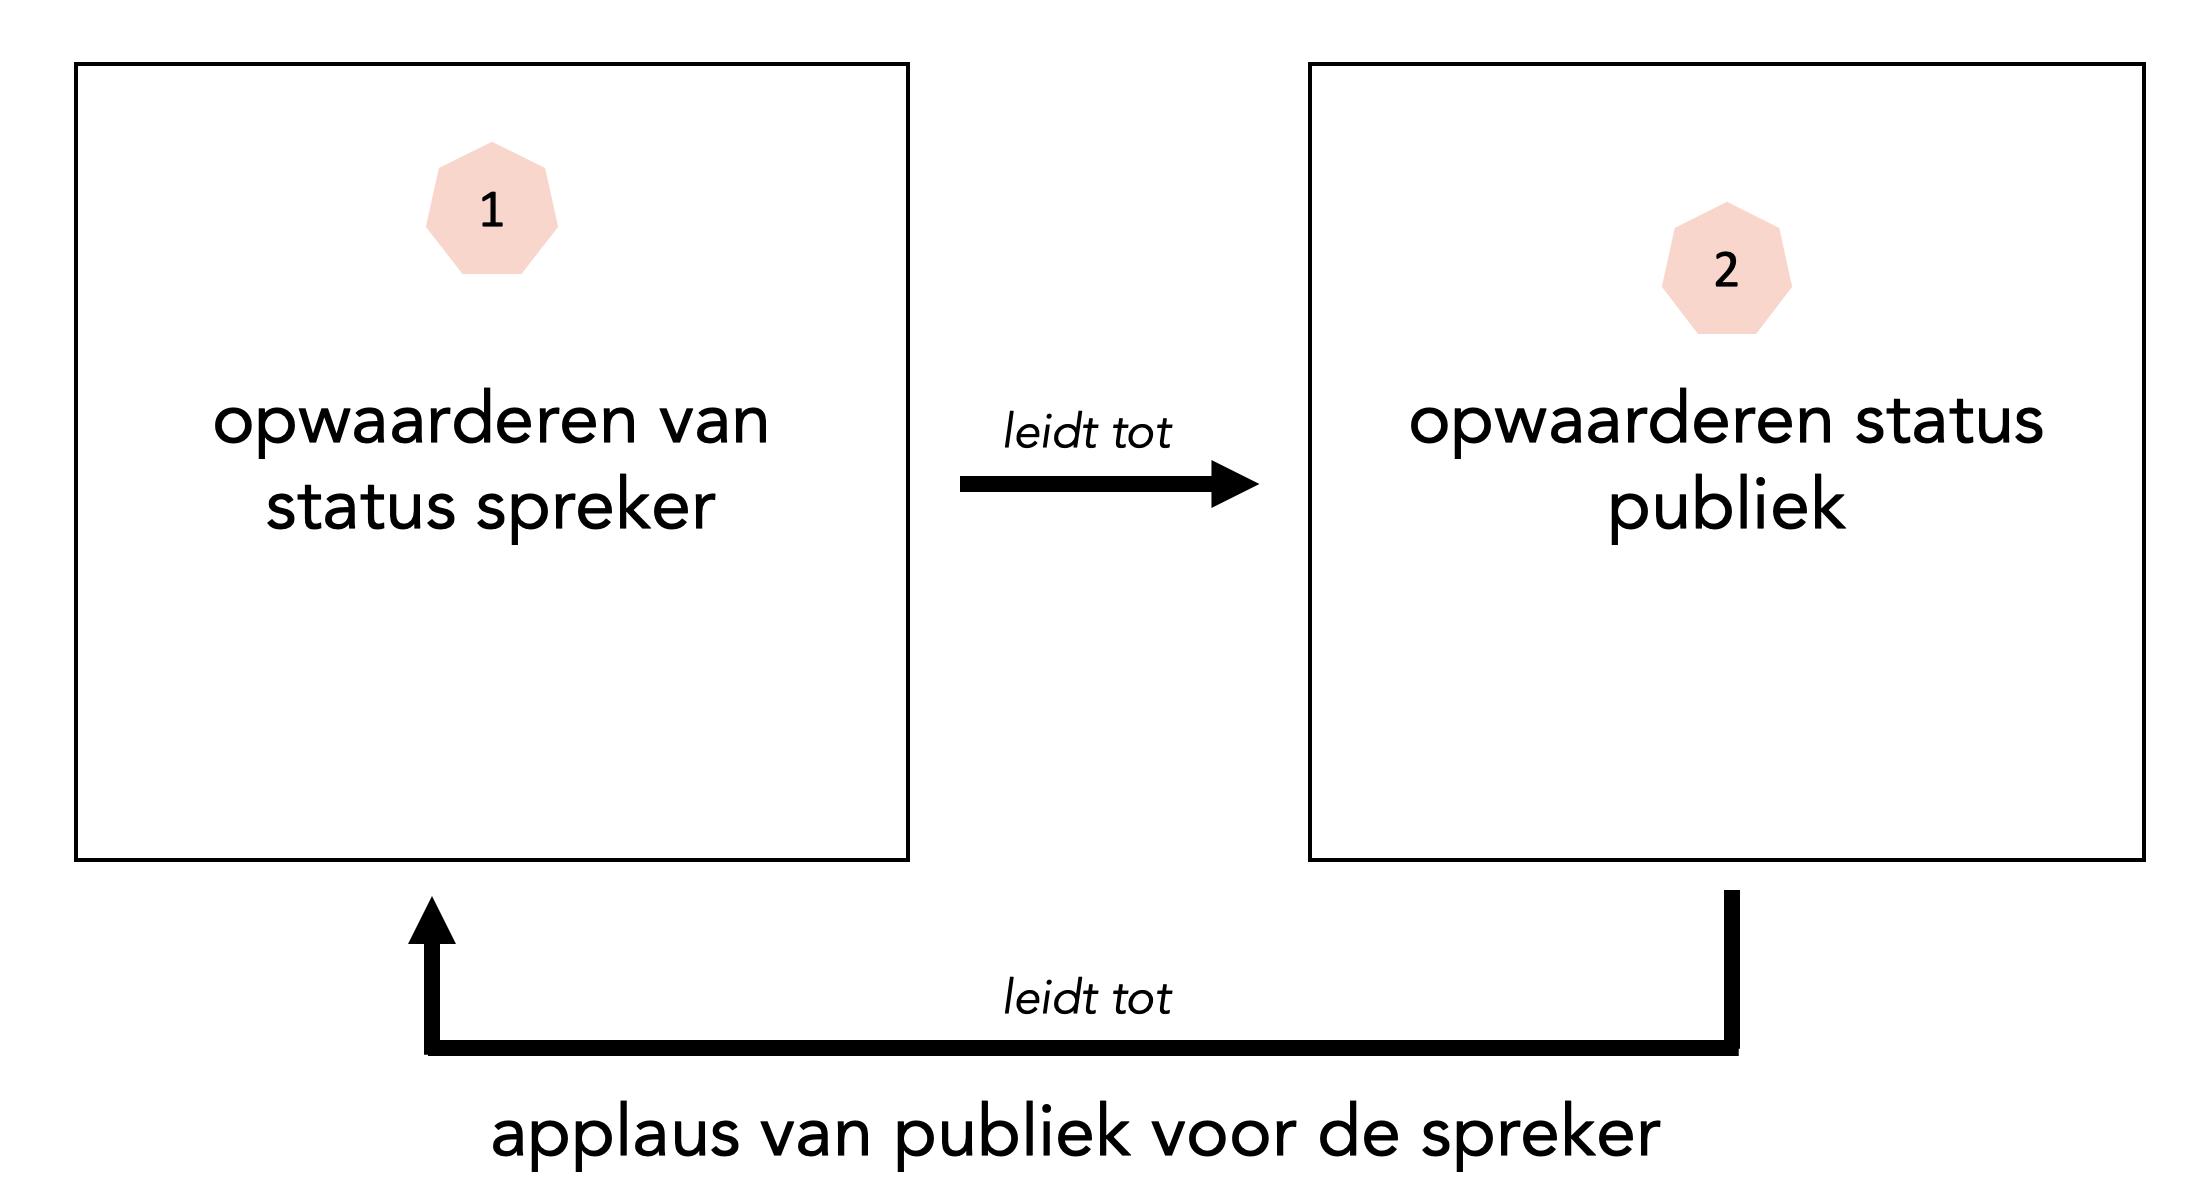 fitch grafiek lat zien dat het opwaarderen van de spreker het publiek opwaardeert en dat applaus een versterkende factor is